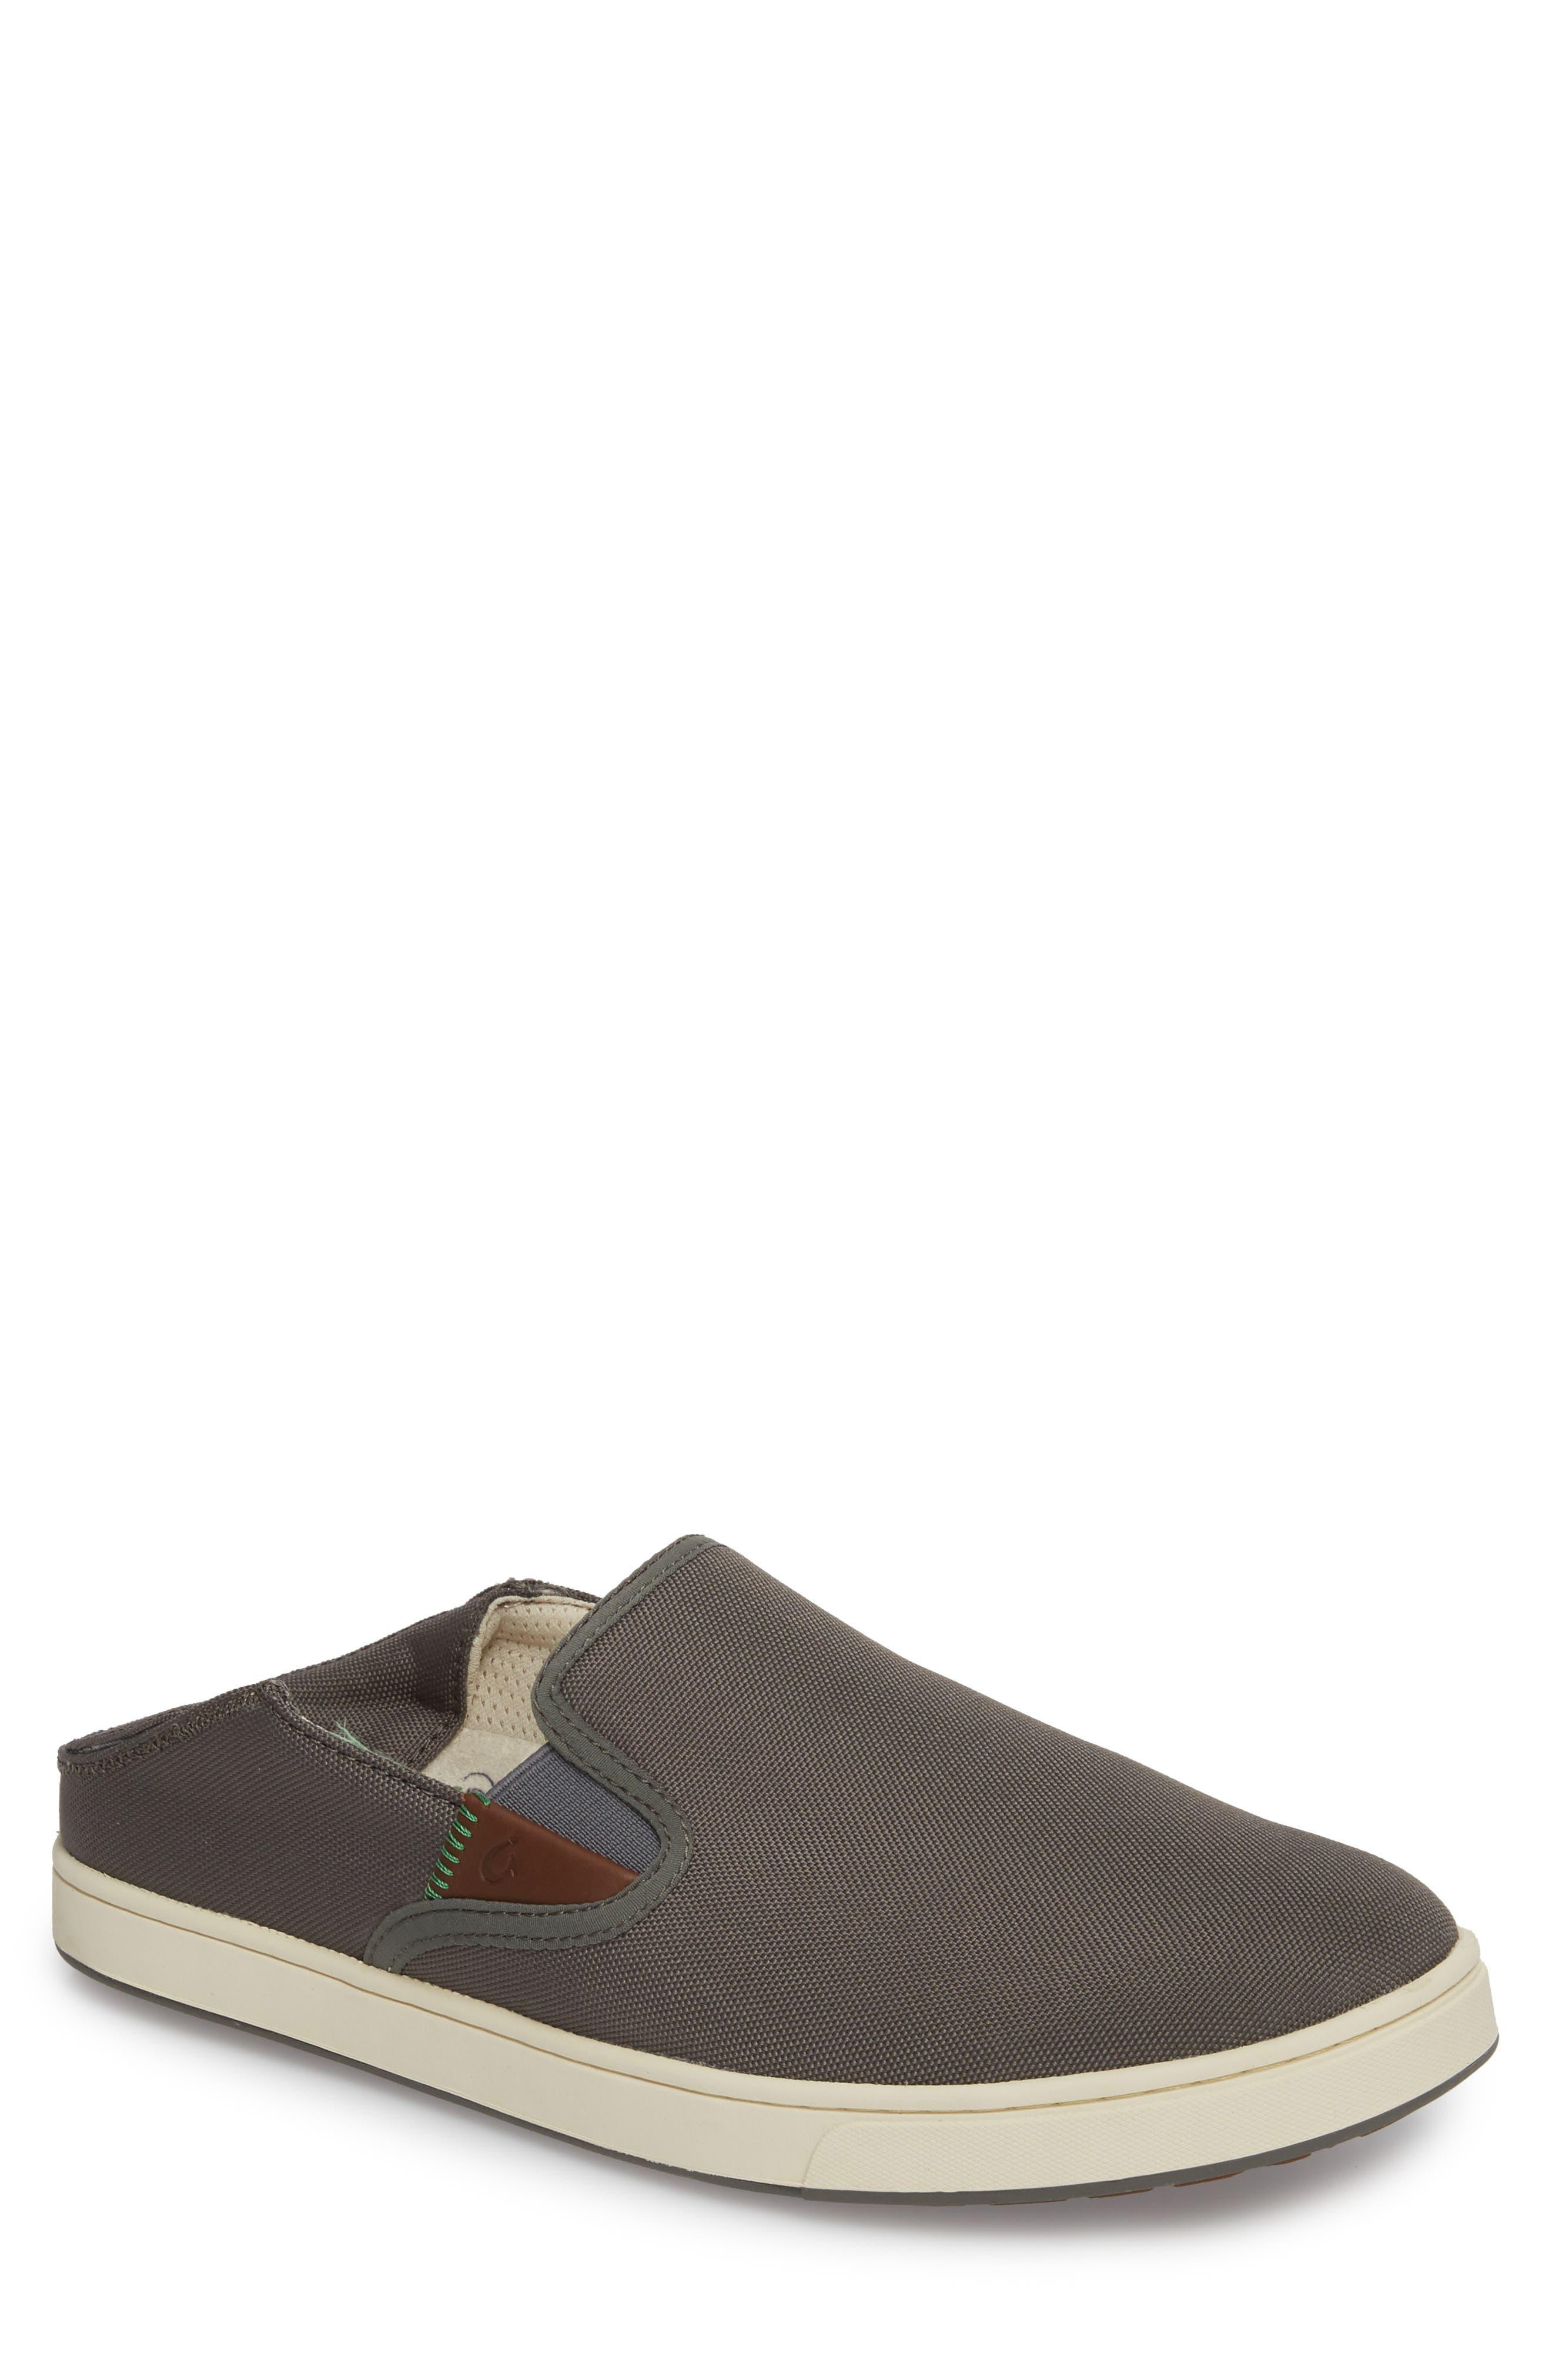 OluKai Kahu Collapsible Slip-On Sneaker (Men)